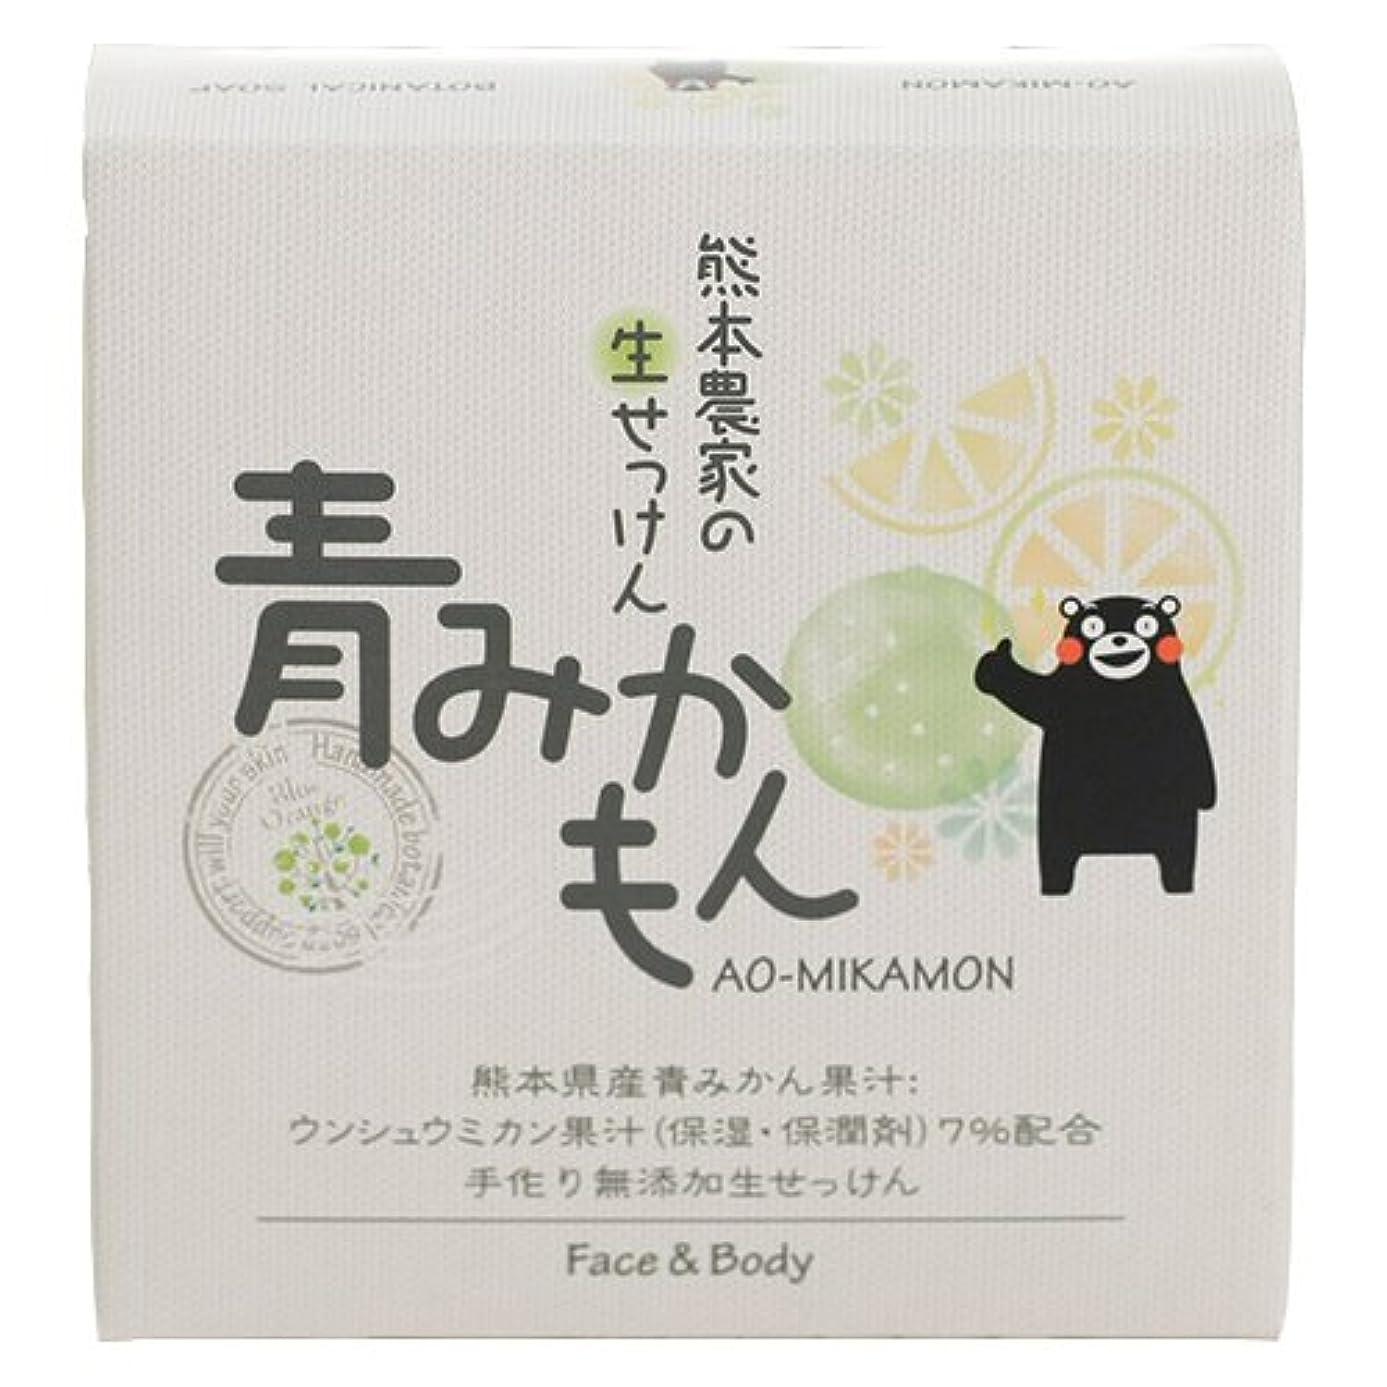 アサー彼ら高音ゼネラルリンク 熊本農家の生せっけん 青みかもん 80g 石鹸 柑橘系の自然な香り